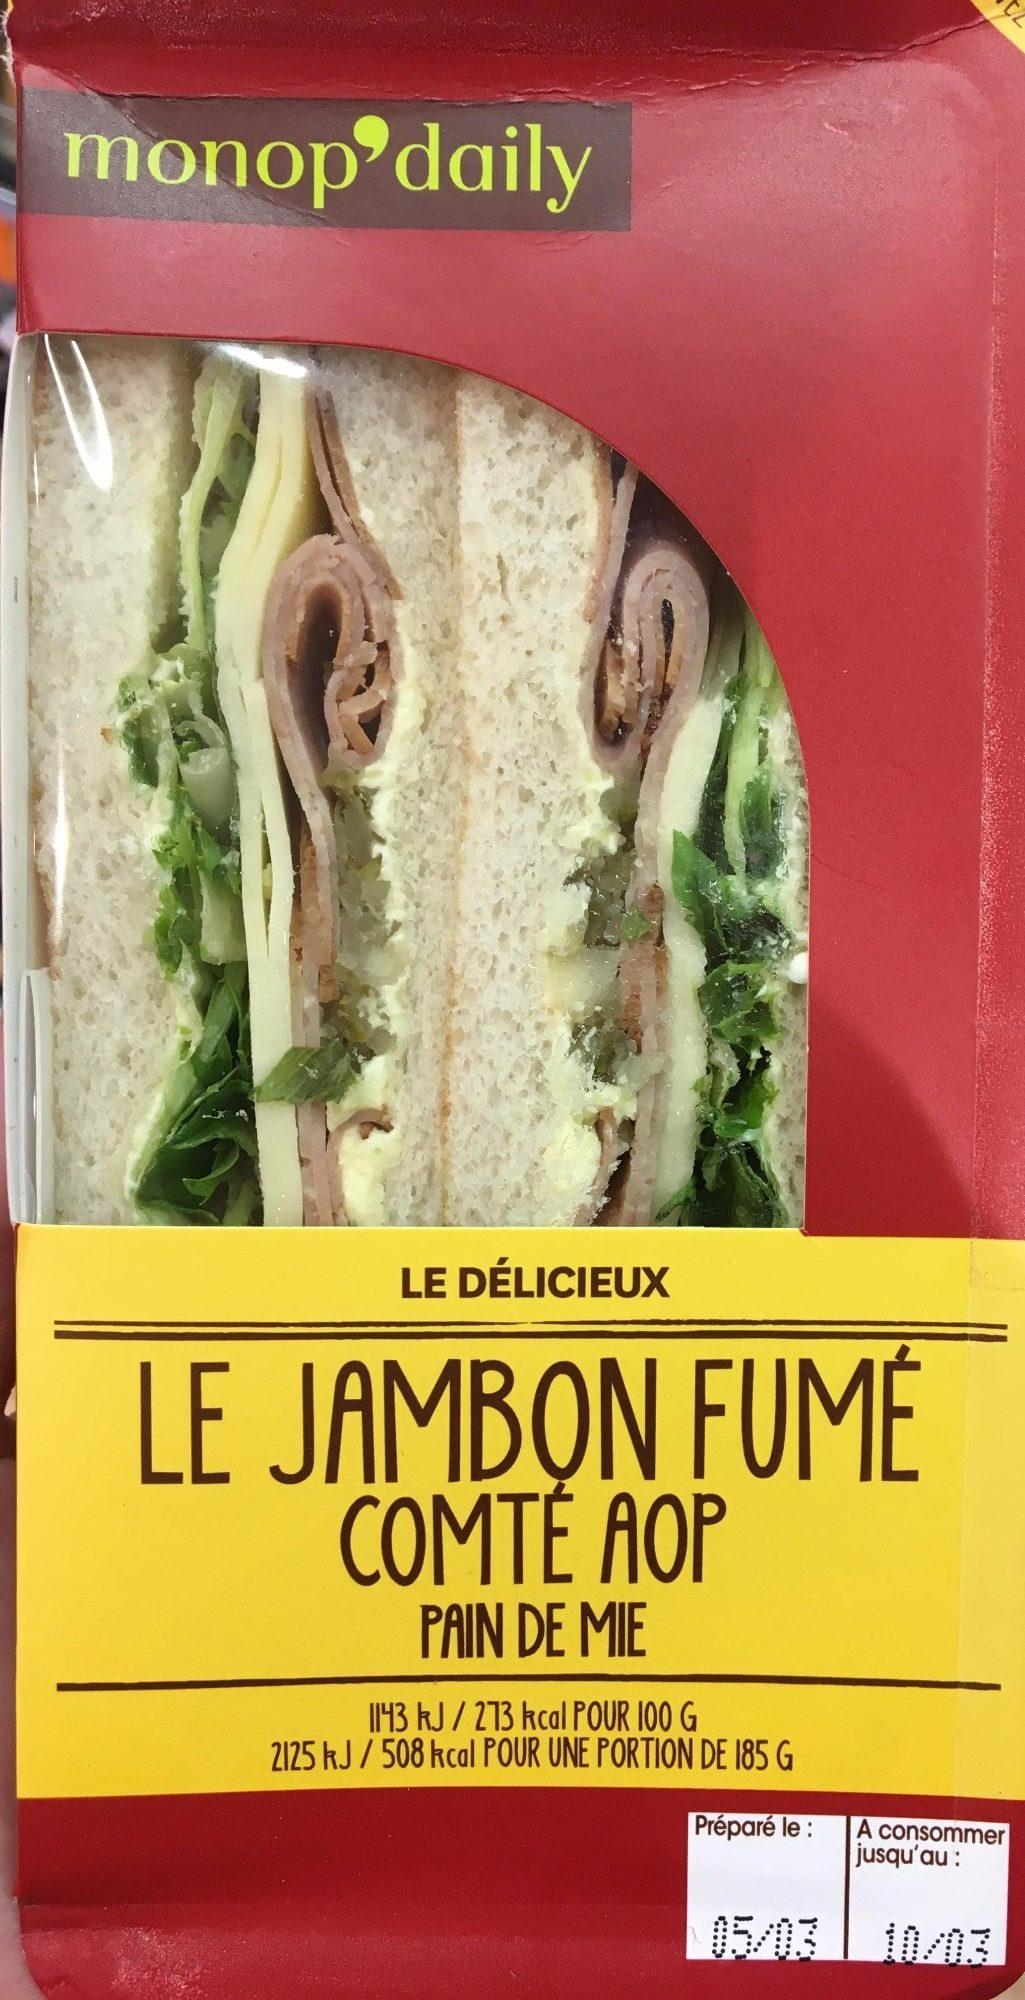 Le Jambon Fumé Comté AOP - Product - fr